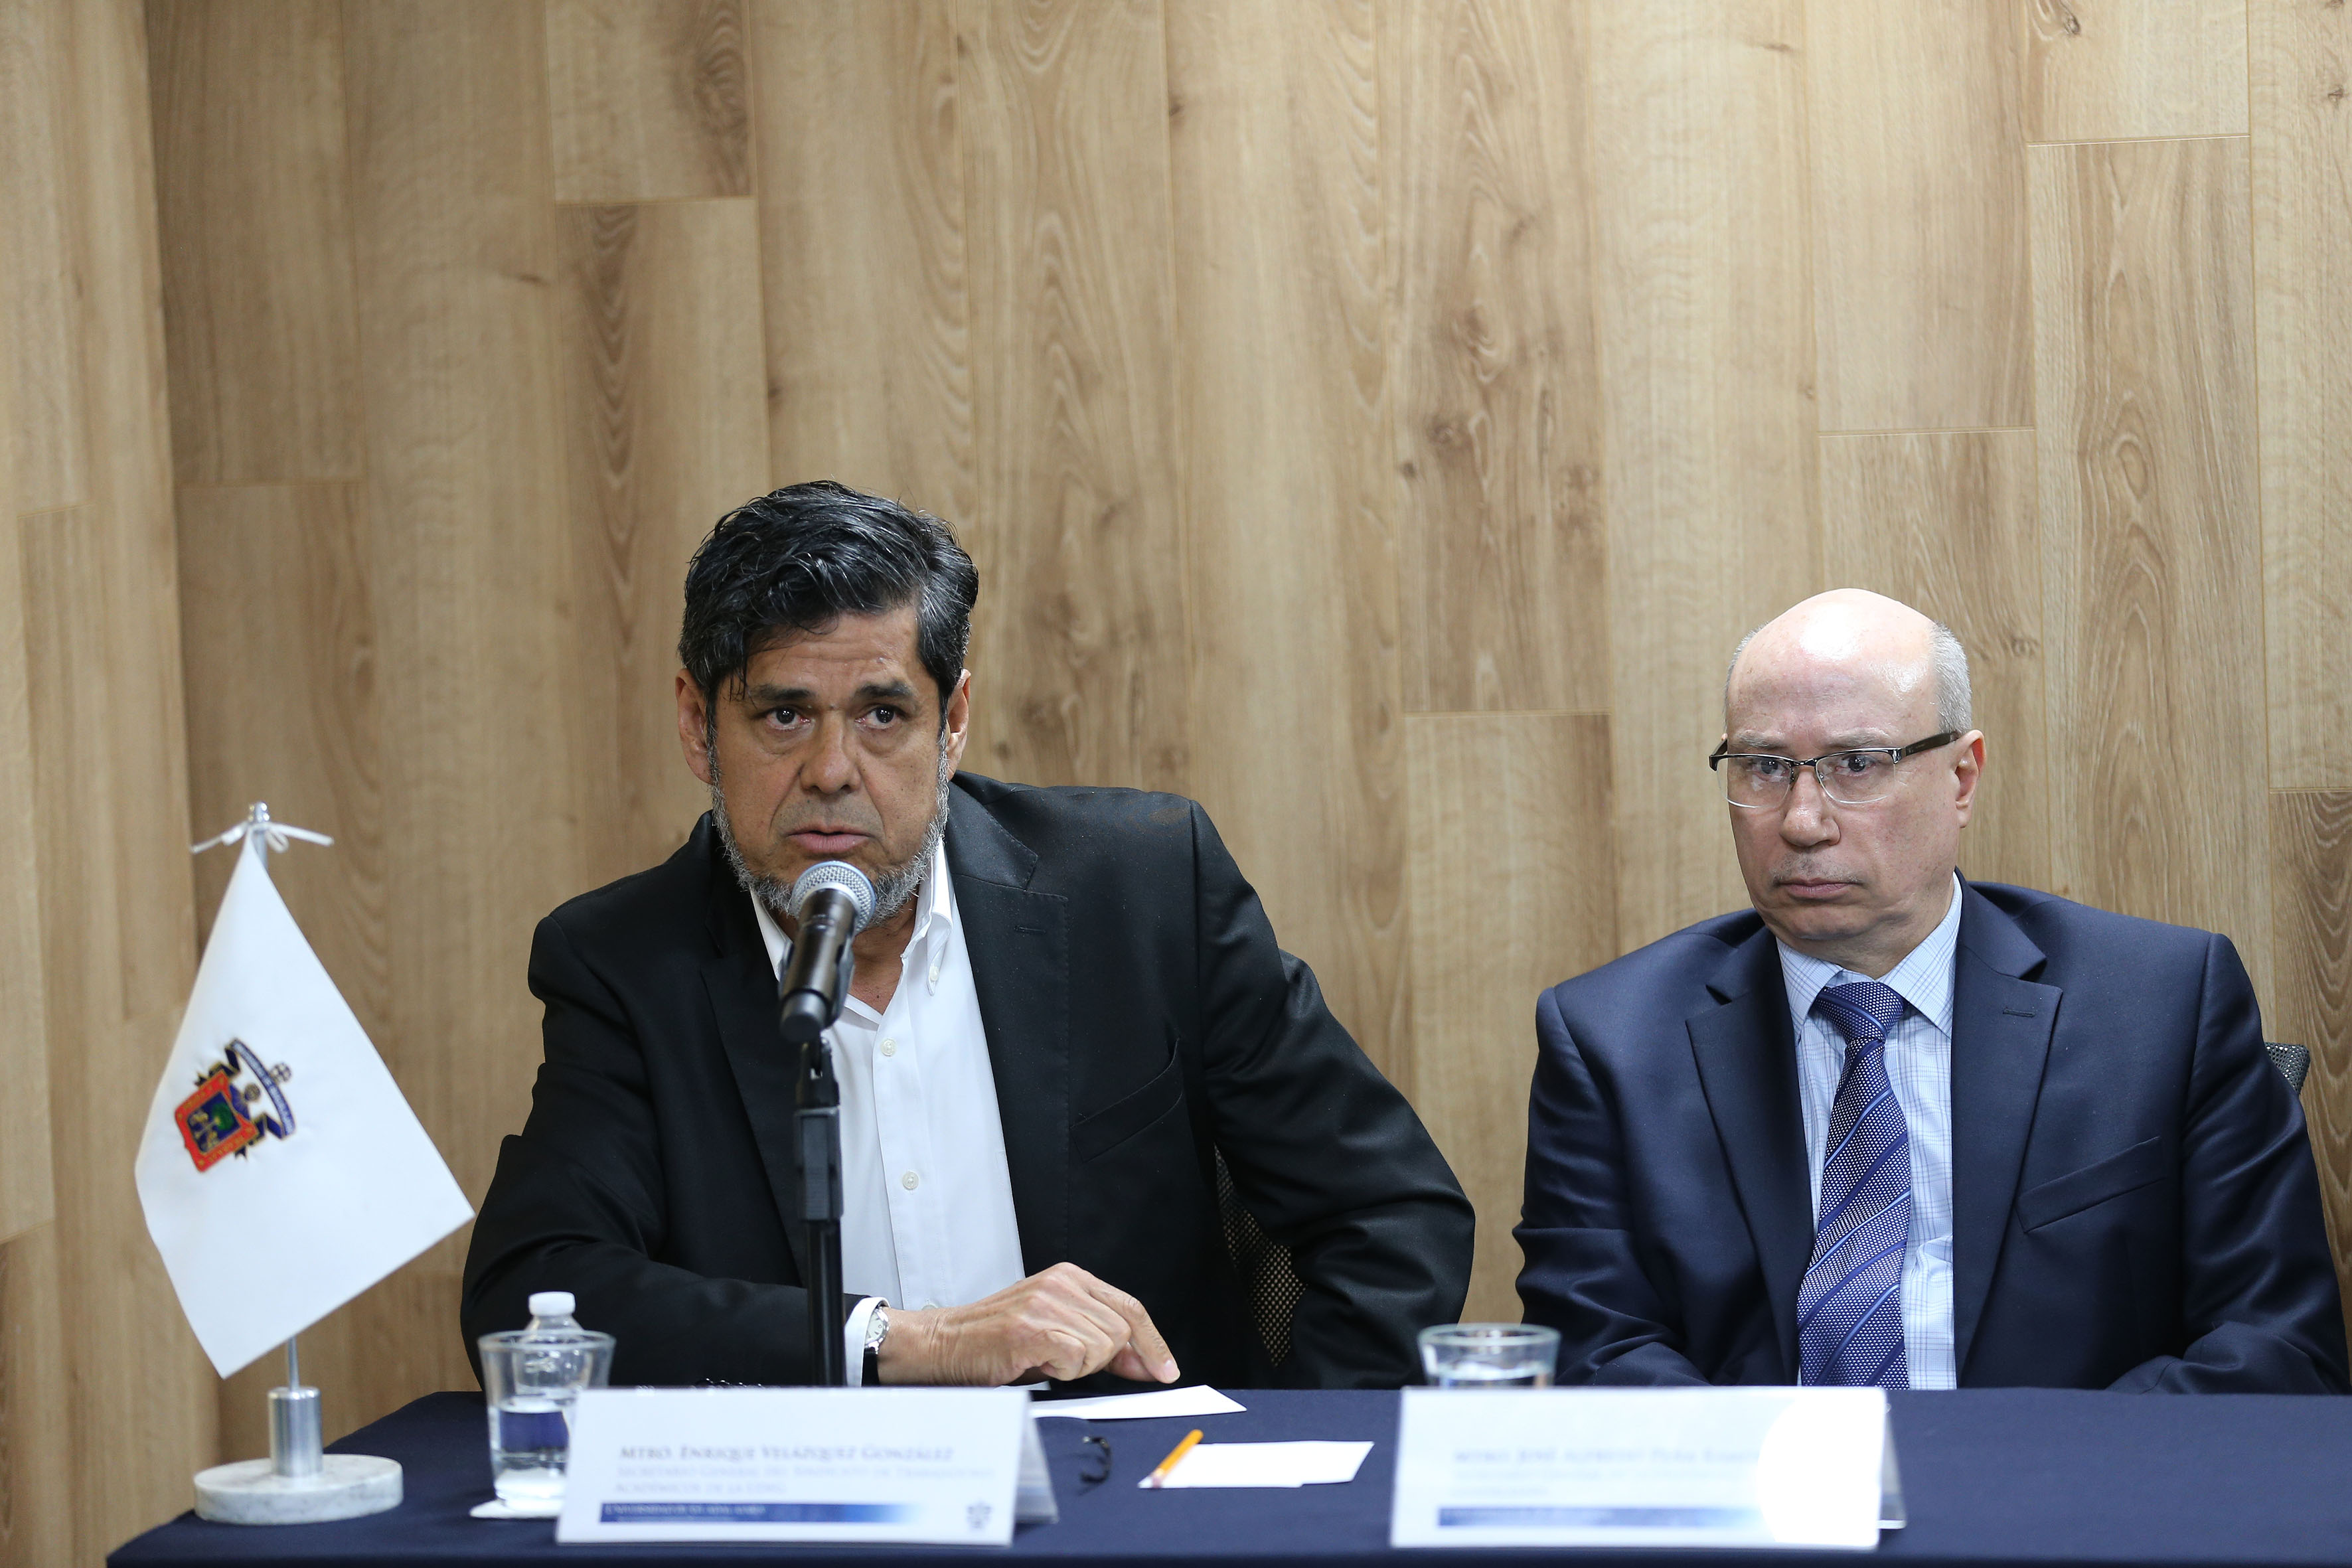 Licenciado Jesús Palafox Yáñez, Representante del Sindicato de Trabajadores Académicos de la UdeG (STAUdeG), frente al micrófono.